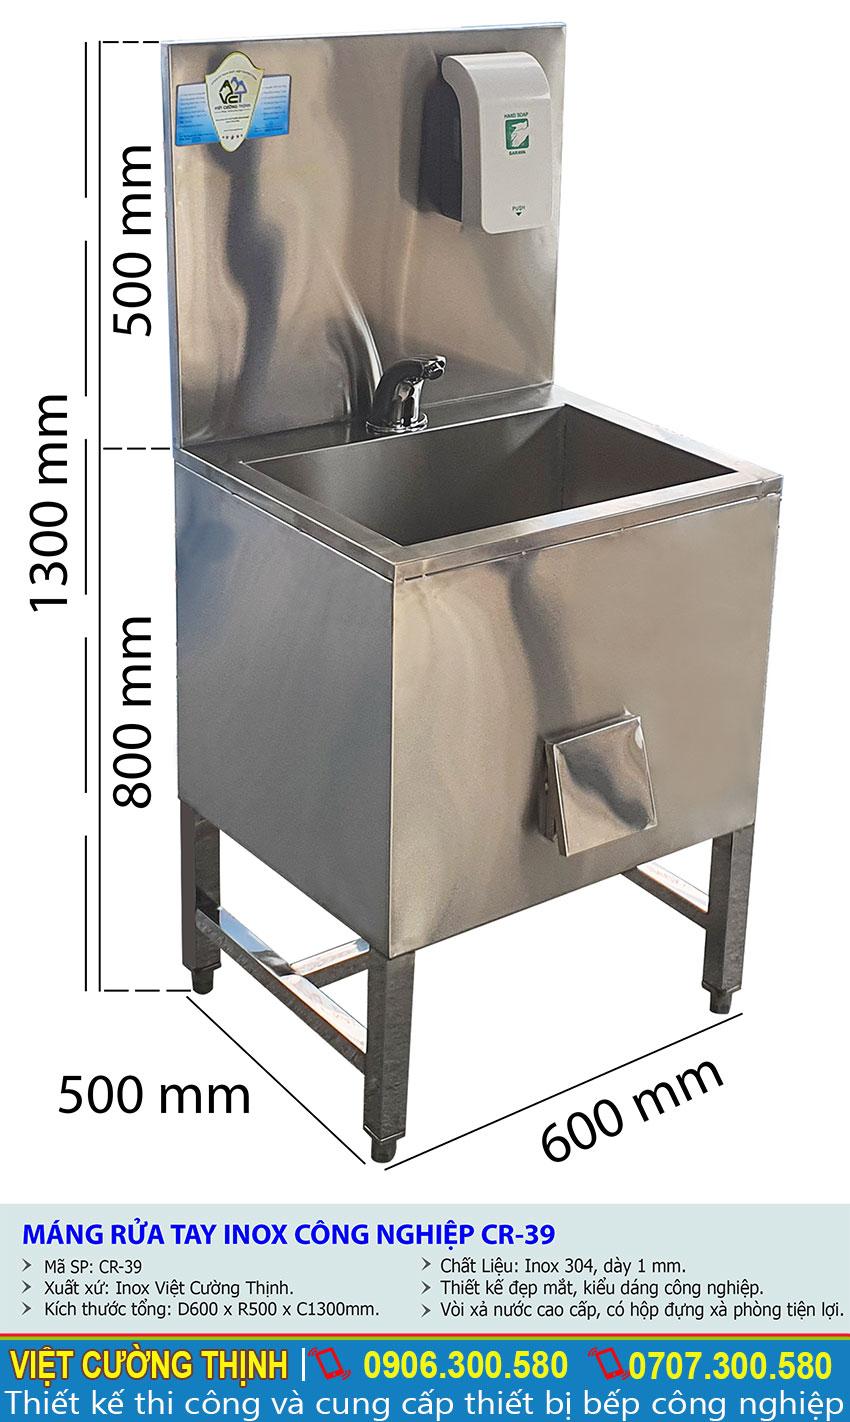 Tỷ lệ kích thước bồn rửa tay inox công nghiệp CR-39